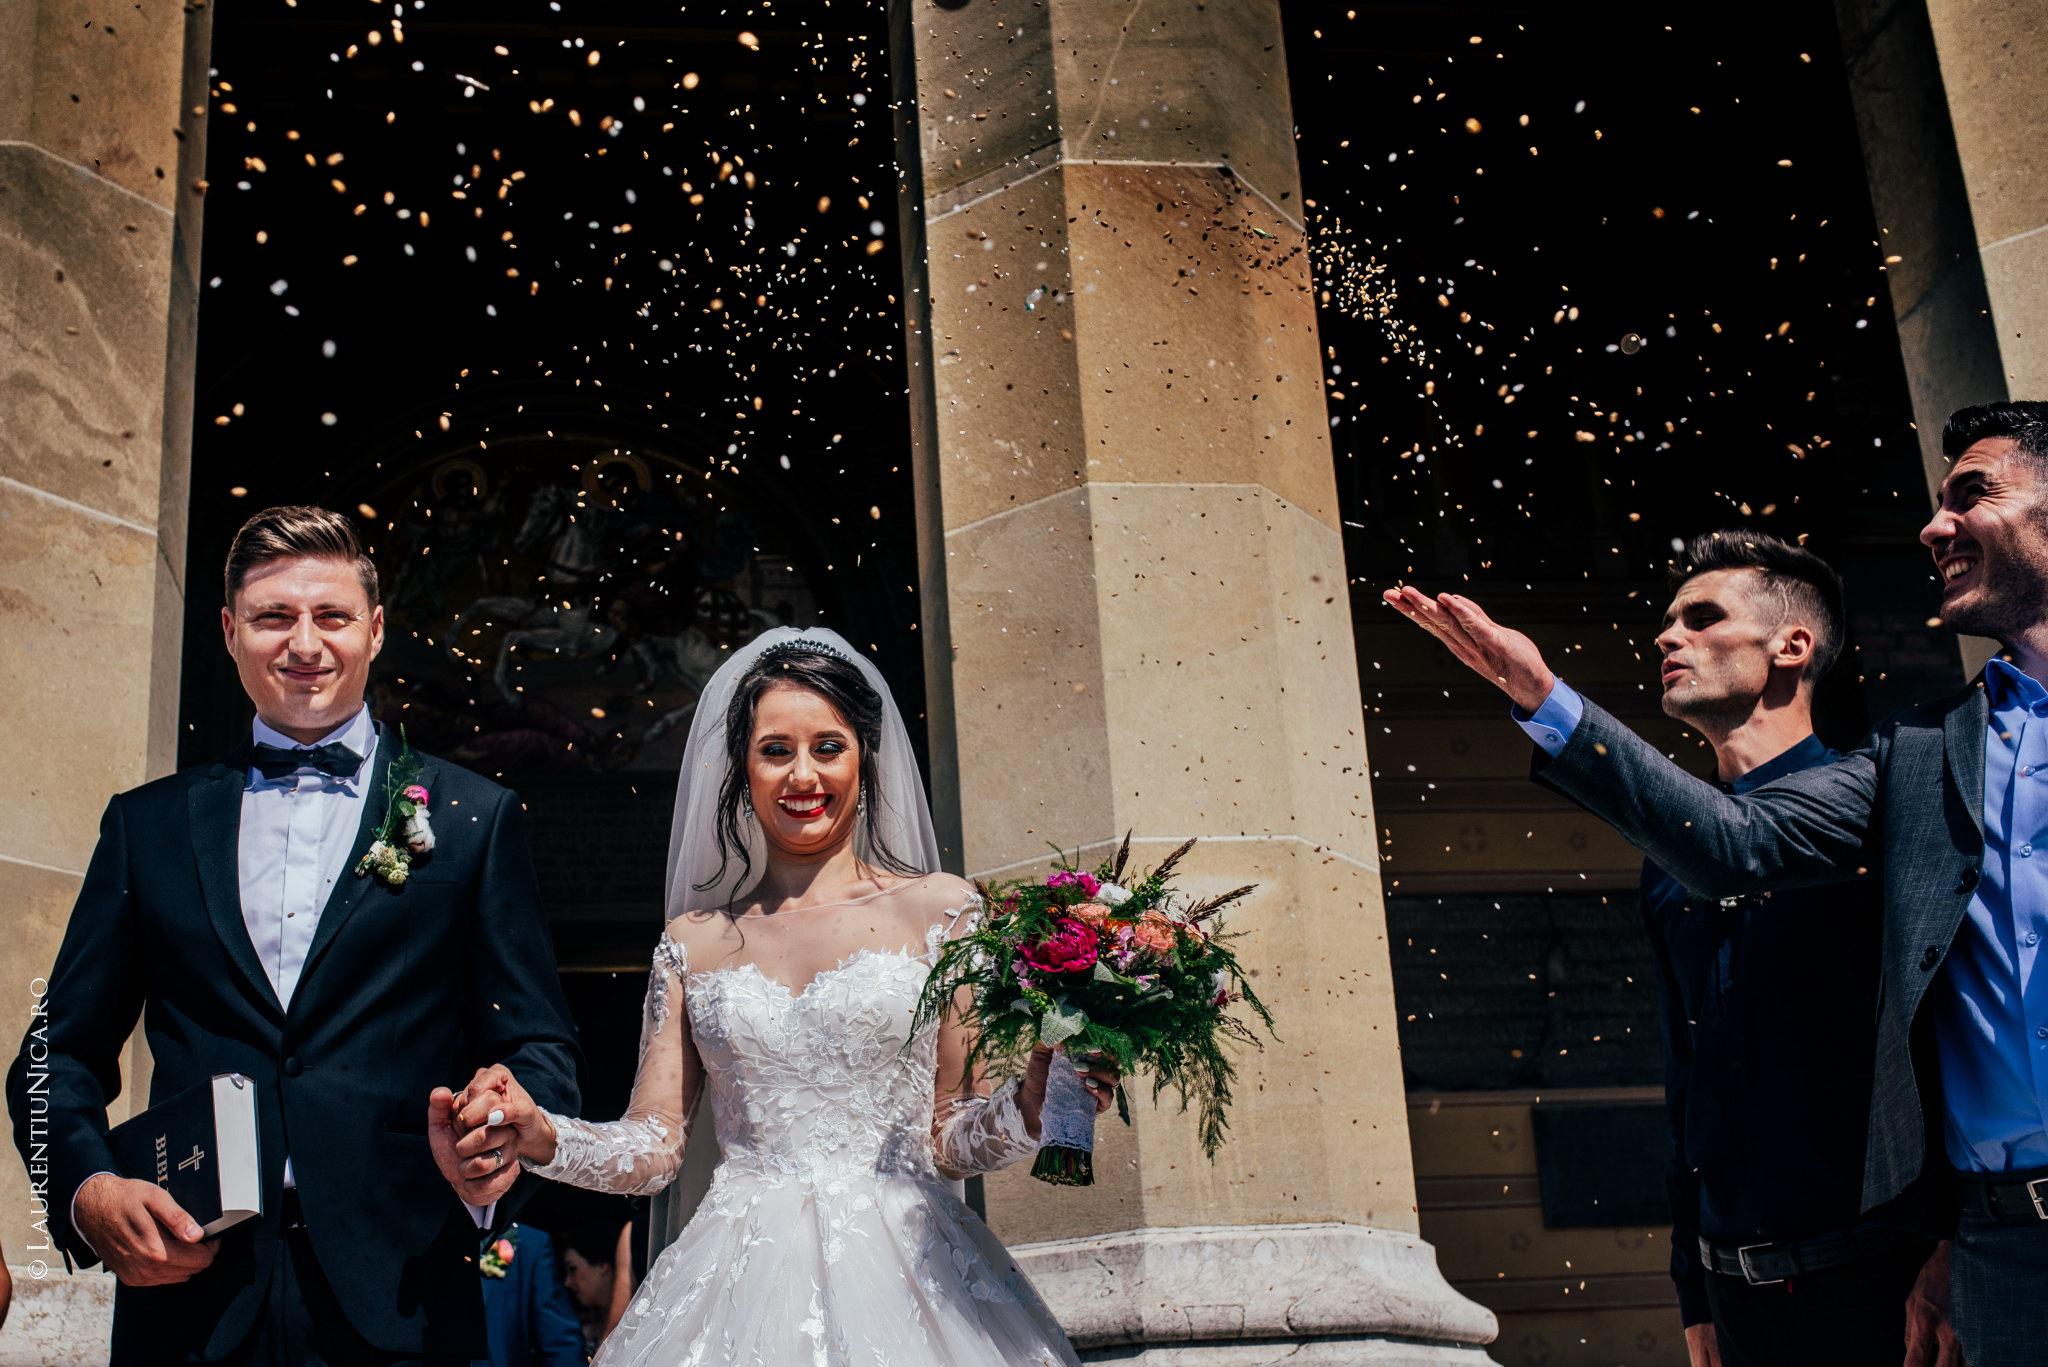 fotografii nunta denisa si florin craiova 28 - Denisa & Florin | Fotografii nunta | Craiova